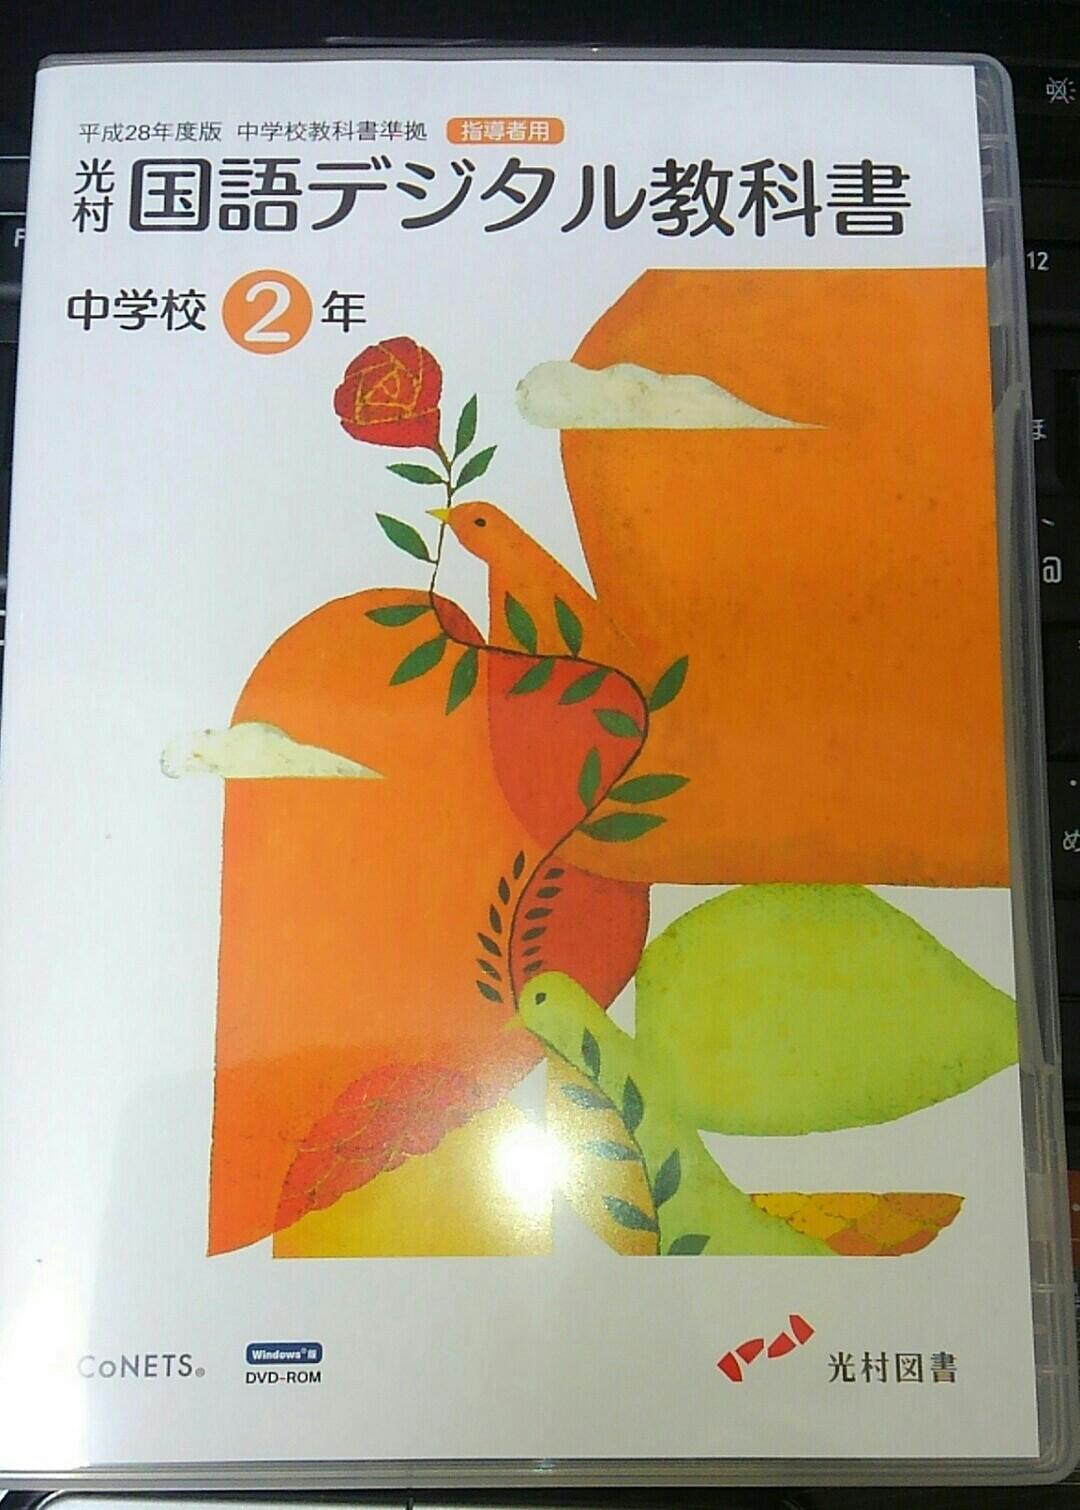 9月24日町田秋祭りブログ